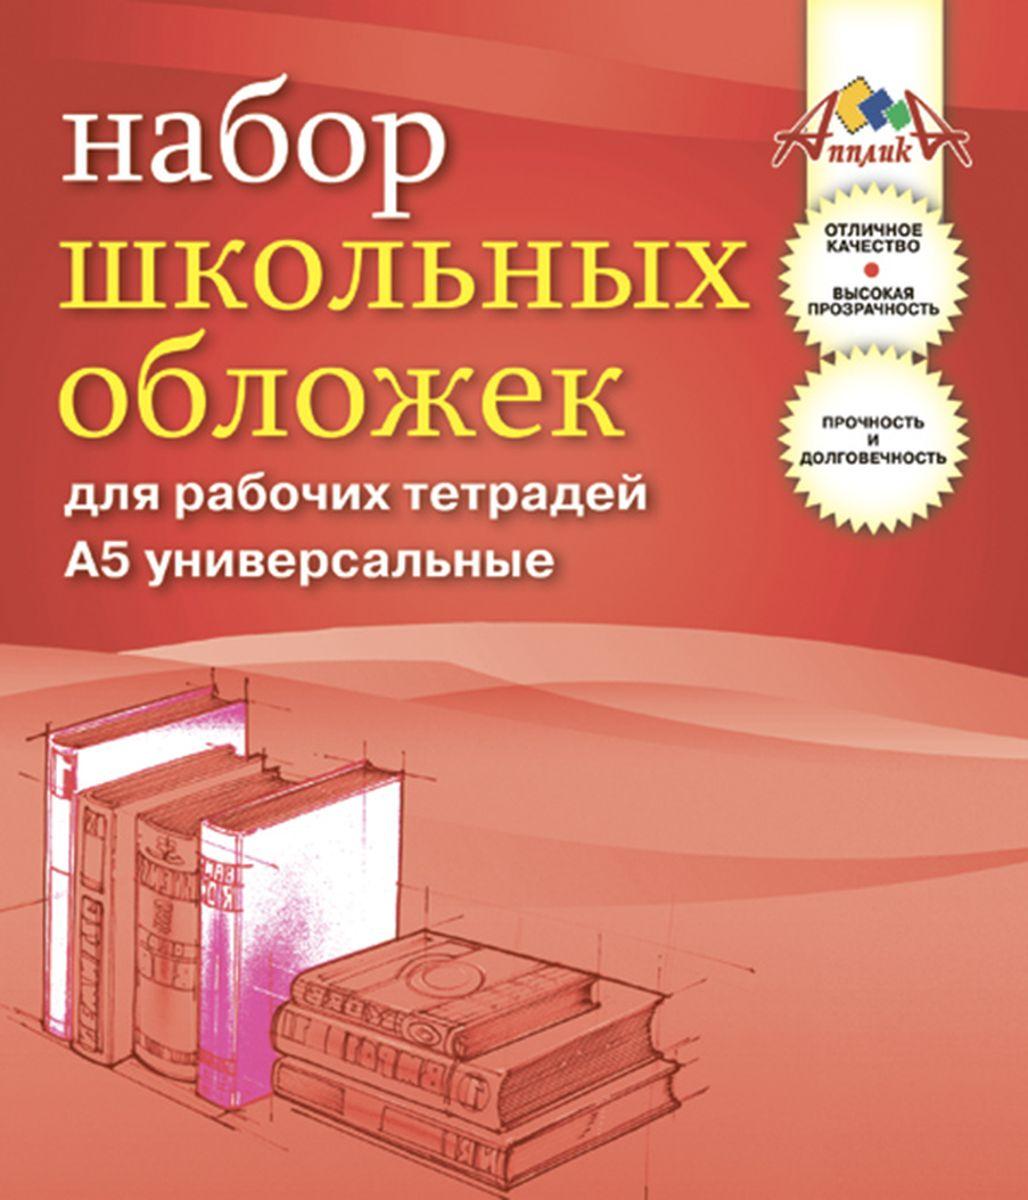 Апплика Набор обложек для рабочих тетрадей 5 шт формата А5